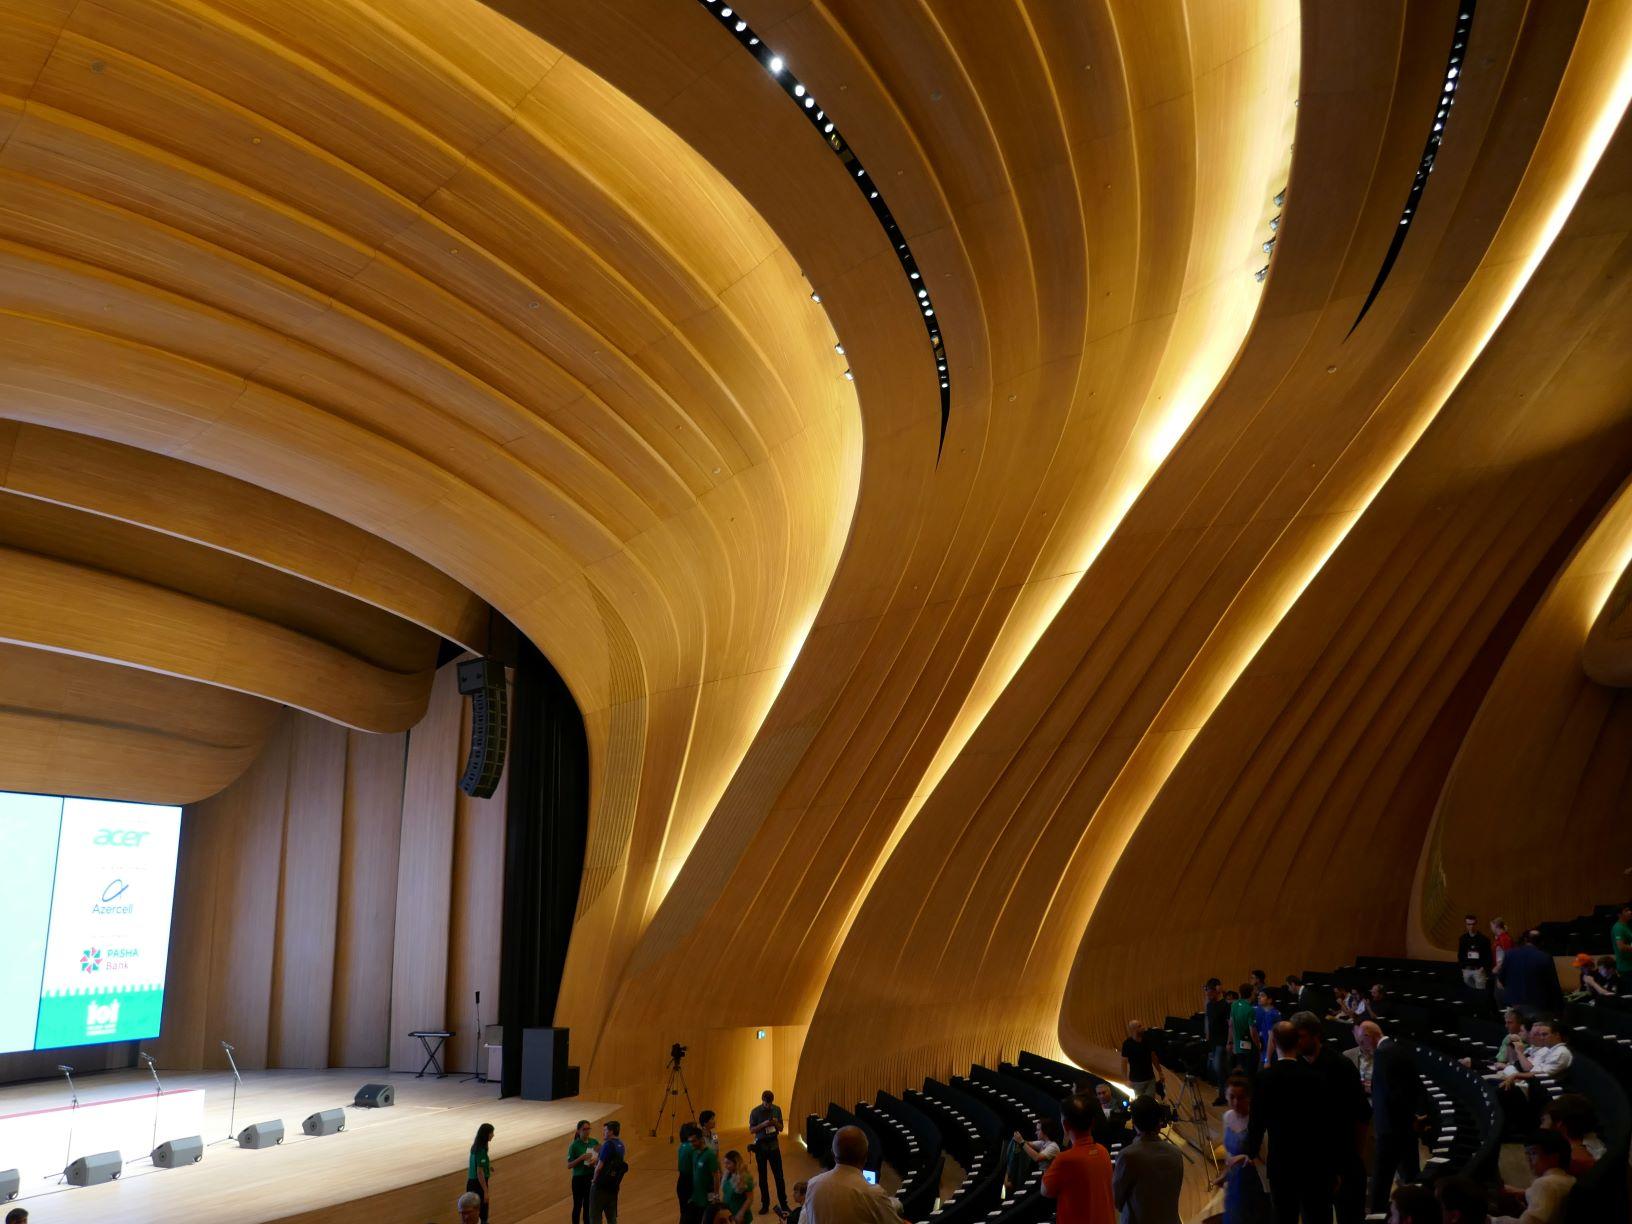 Halle im Heydar Aliyev Center, wo die Abschlusszeremonie der IOI 2019 stattfand